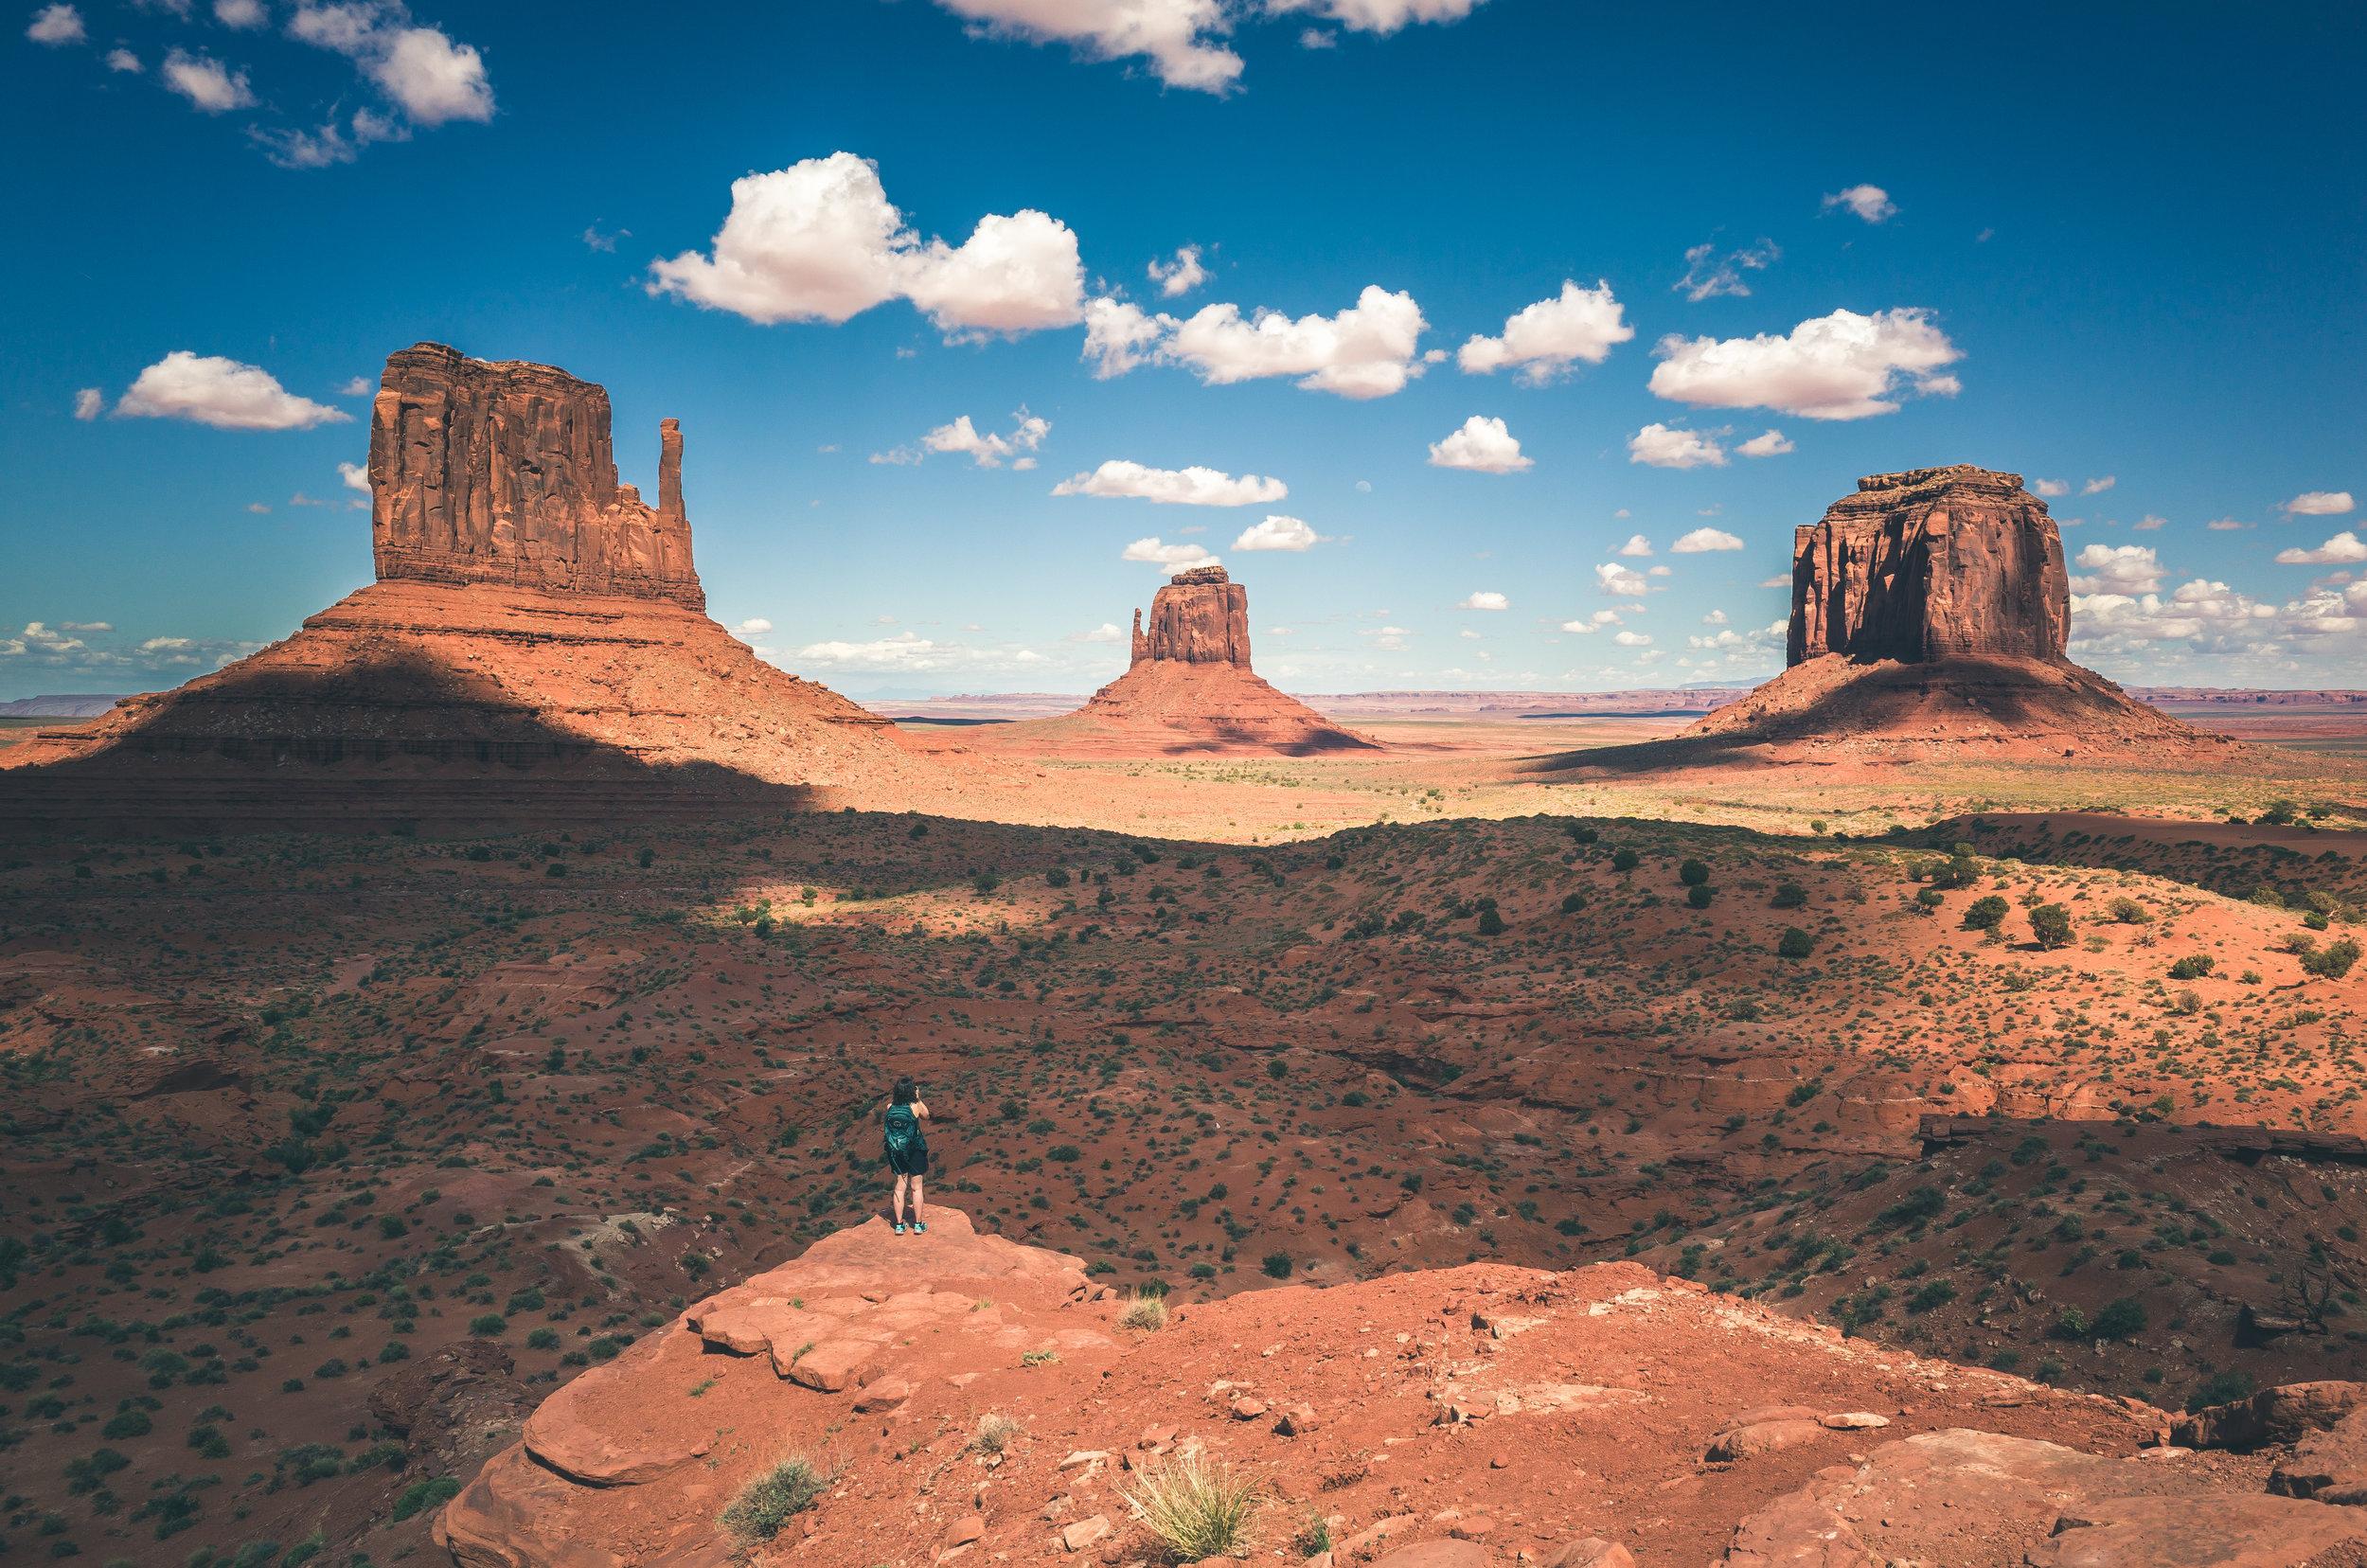 Monument Valley - Conoceremos Monument Valley, una zona de la tribu Navajo.